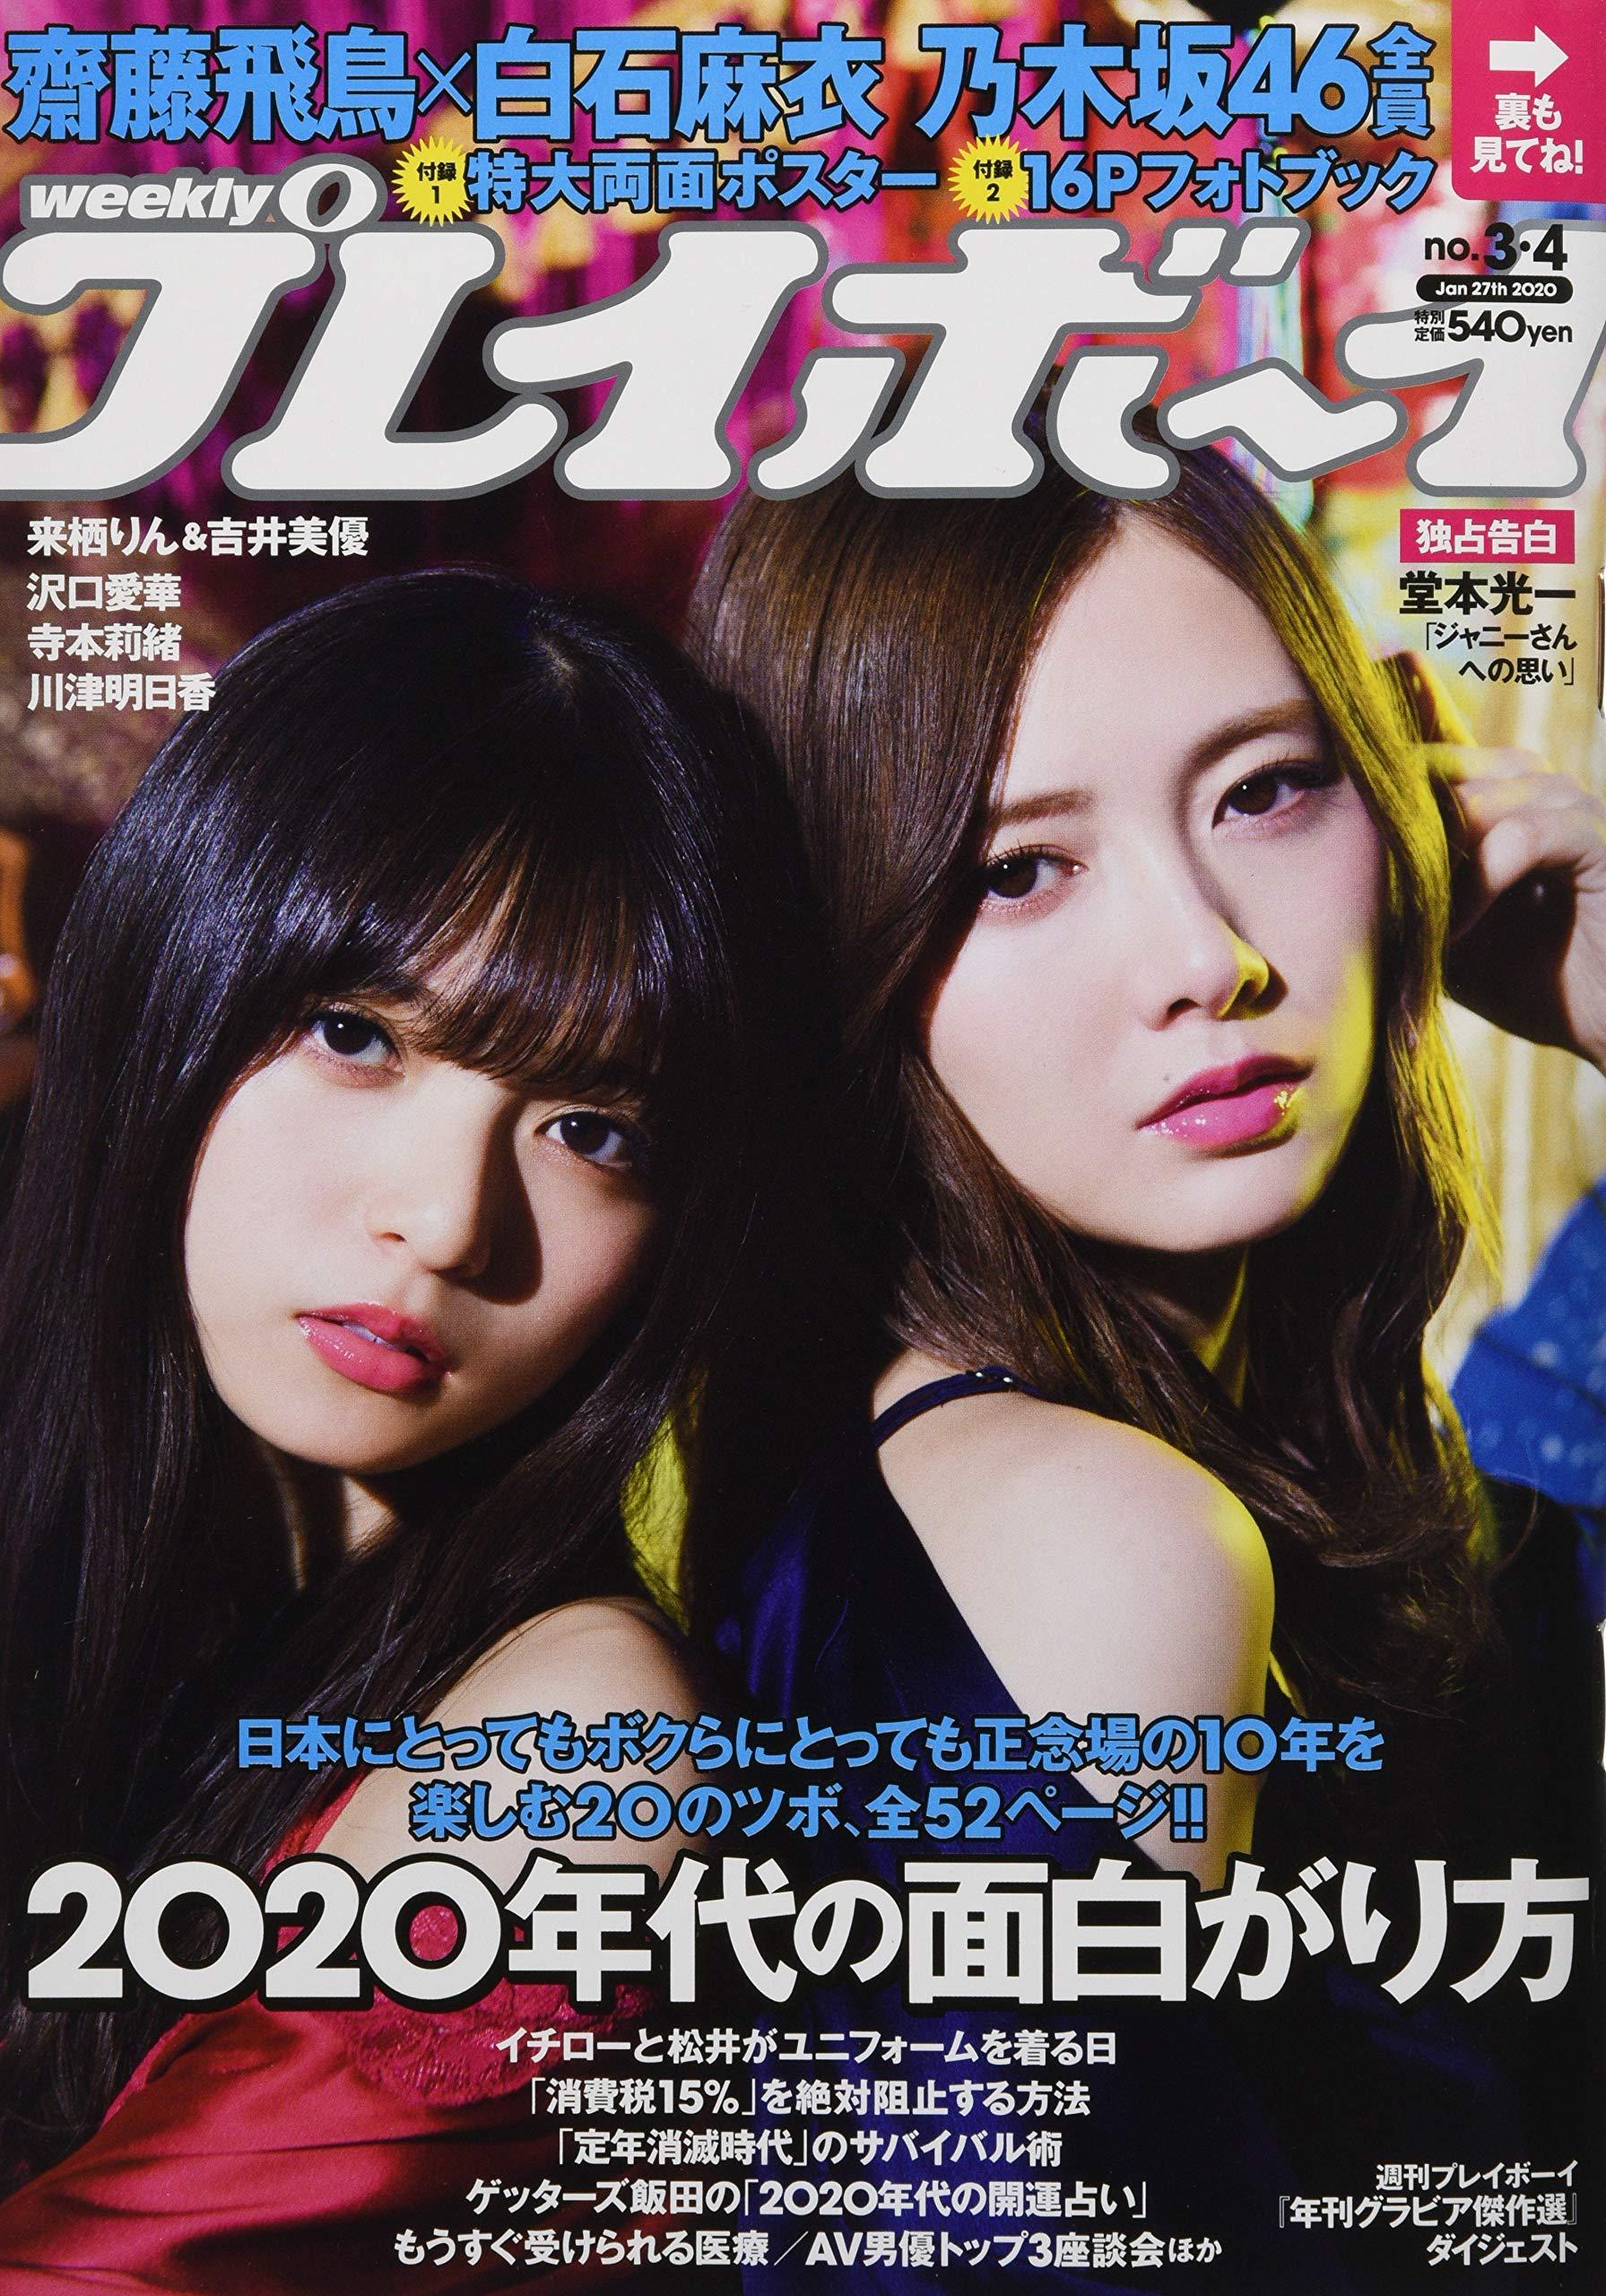 週刊プレイボーイ 2020年01月27日号 03-04号 乃木坂46